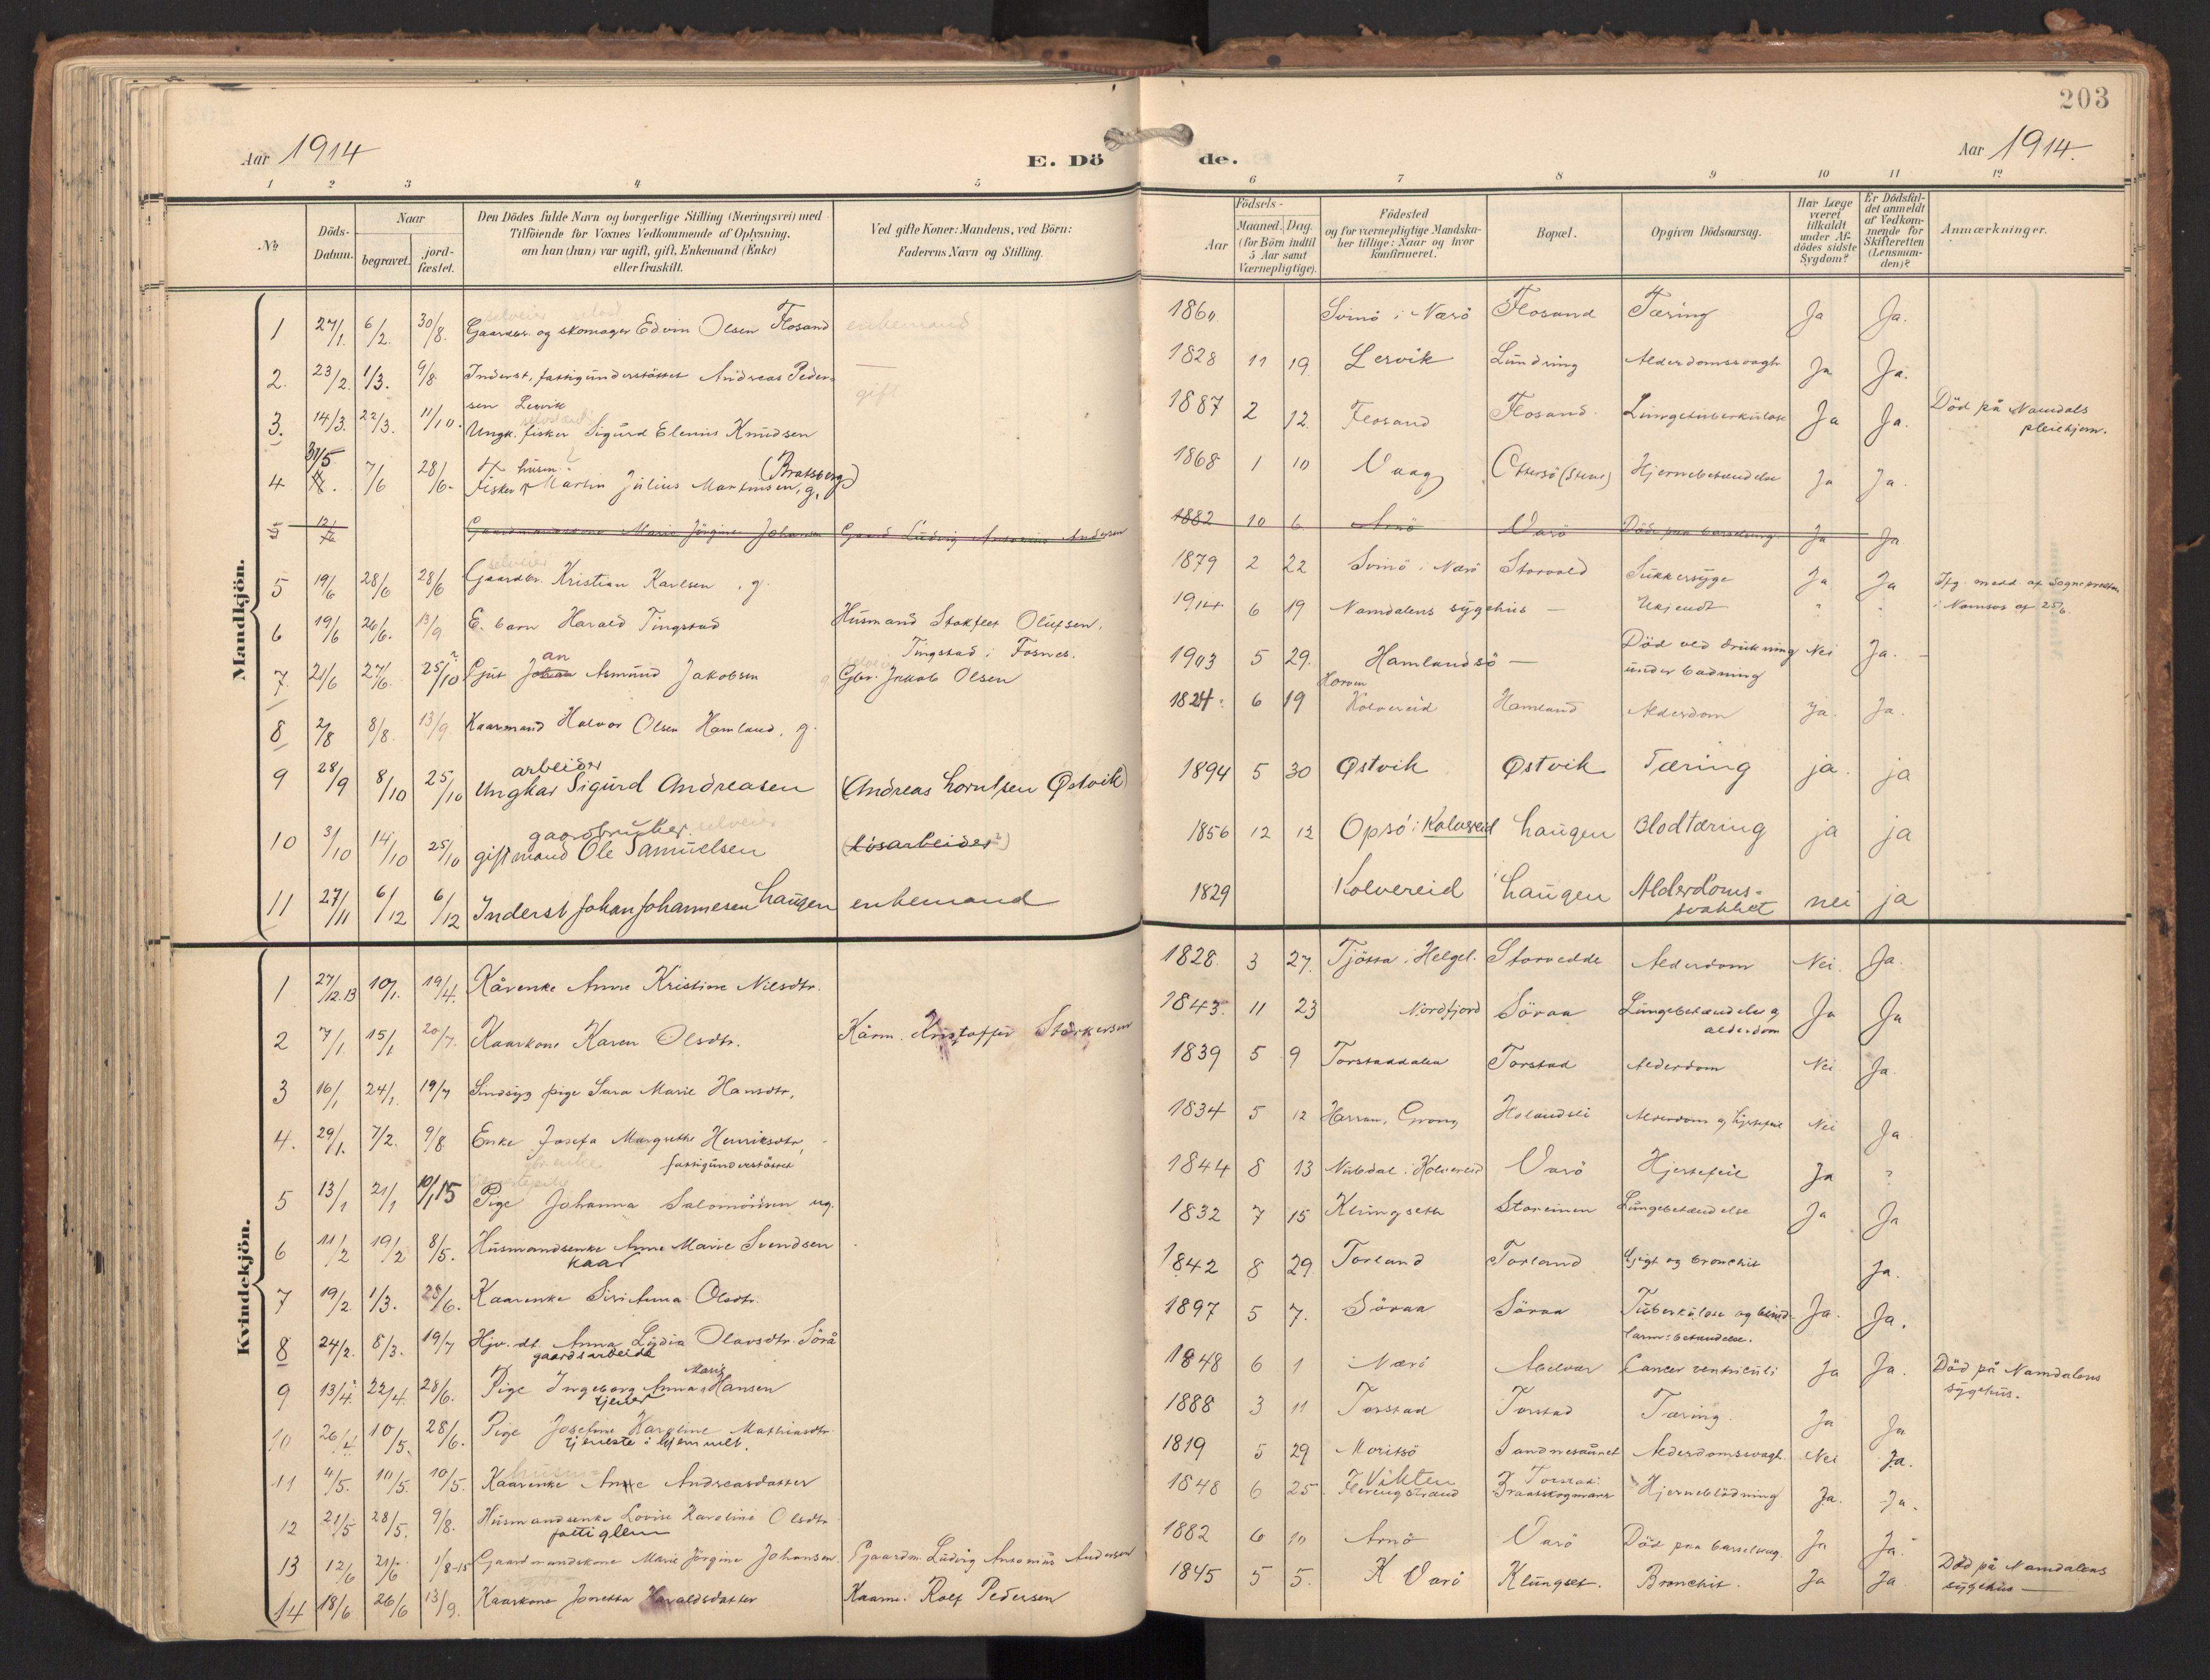 SAT, Ministerialprotokoller, klokkerbøker og fødselsregistre - Nord-Trøndelag, 784/L0677: Ministerialbok nr. 784A12, 1900-1920, s. 203